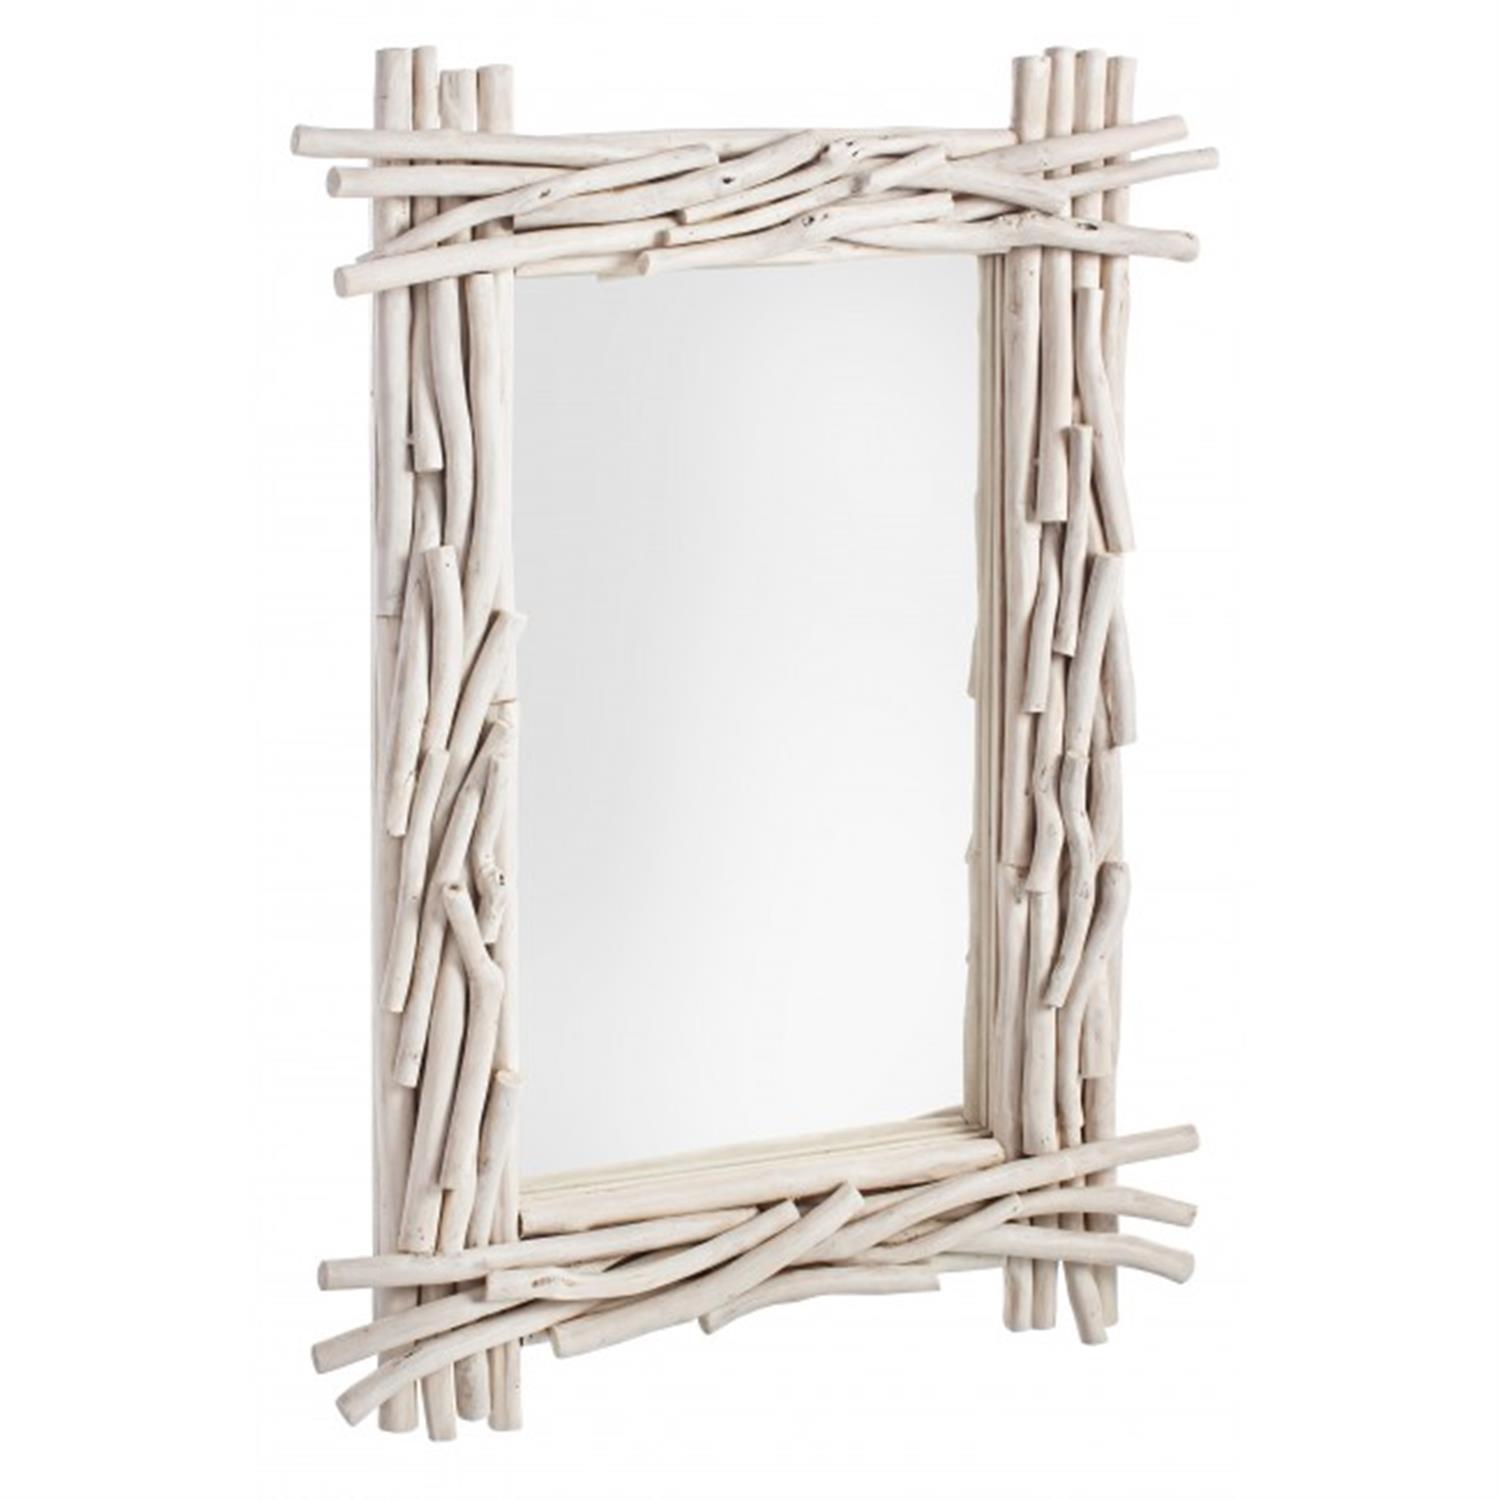 Καθρέπτης τοίχου ξύλινος ορθογώνιος εκρού 60x6x90cm